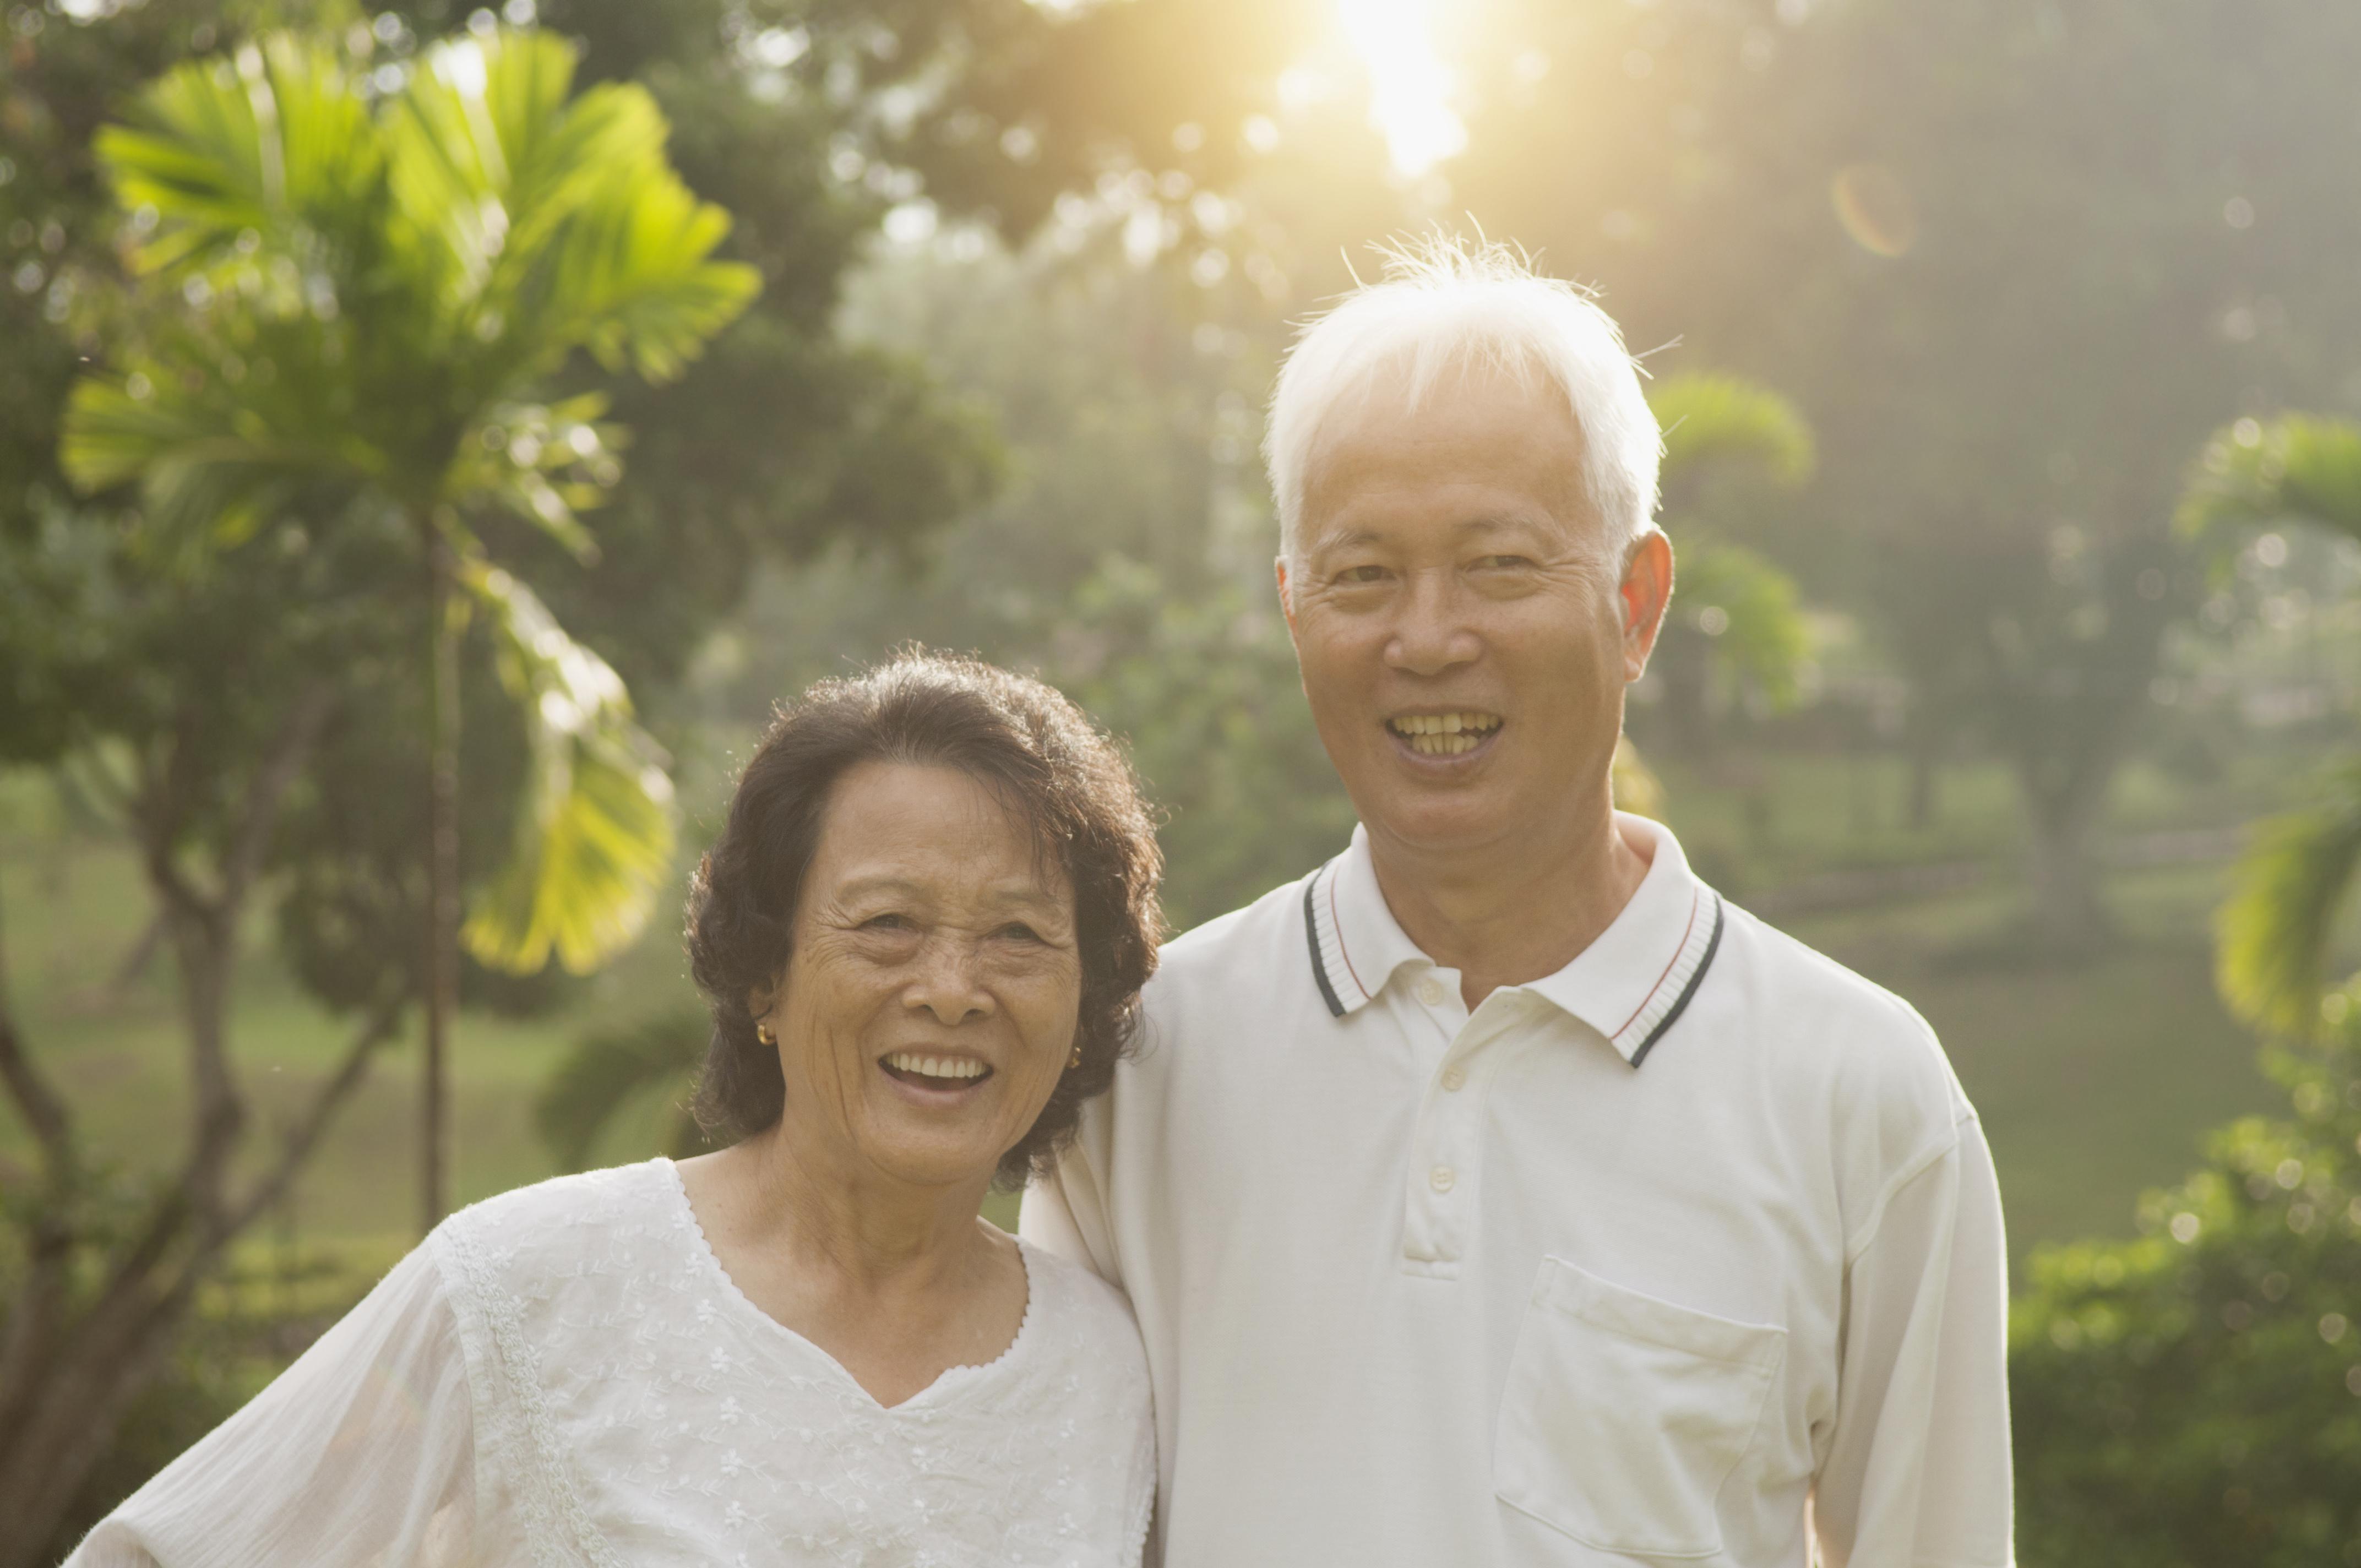 ทำกิจกรรมสร้างอาชีพ ช่วยพัฒนาคุณภาพชีวิตผู้สูงวัย thaihealth